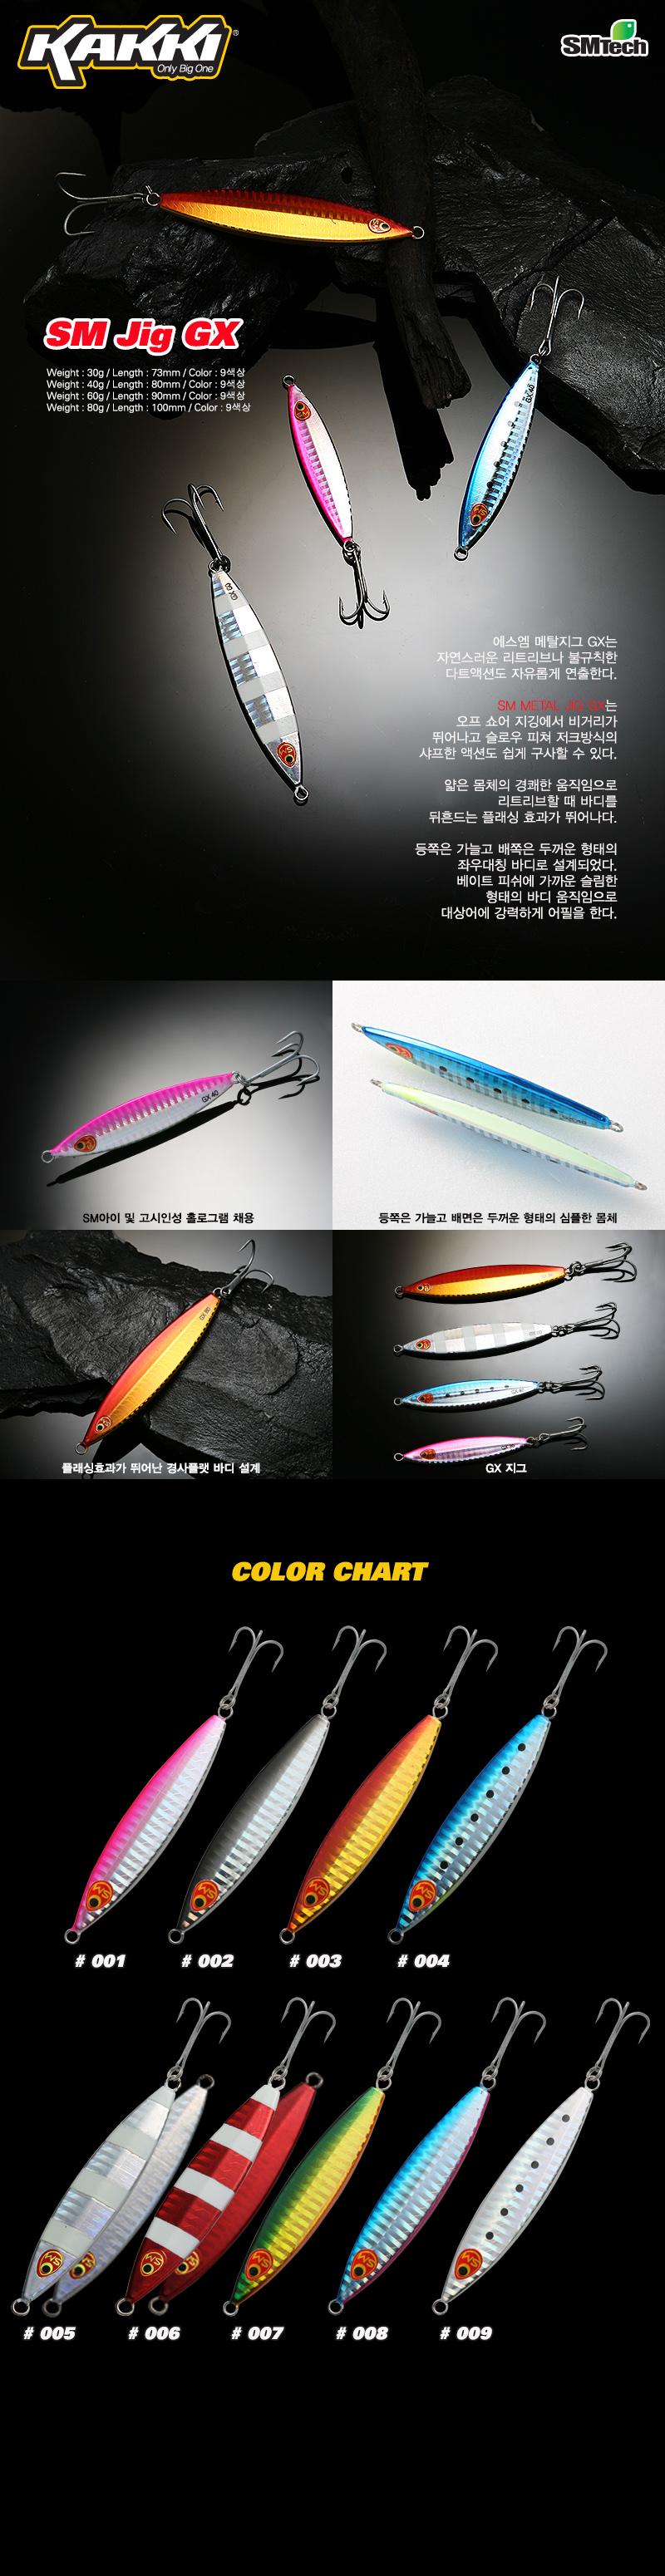 SM 지그 GX 40g 부시리 방어 삼치 메탈지그 삼치 농어 메탈 낚시용품 낚시 낚시소품 낚시채비 메탈